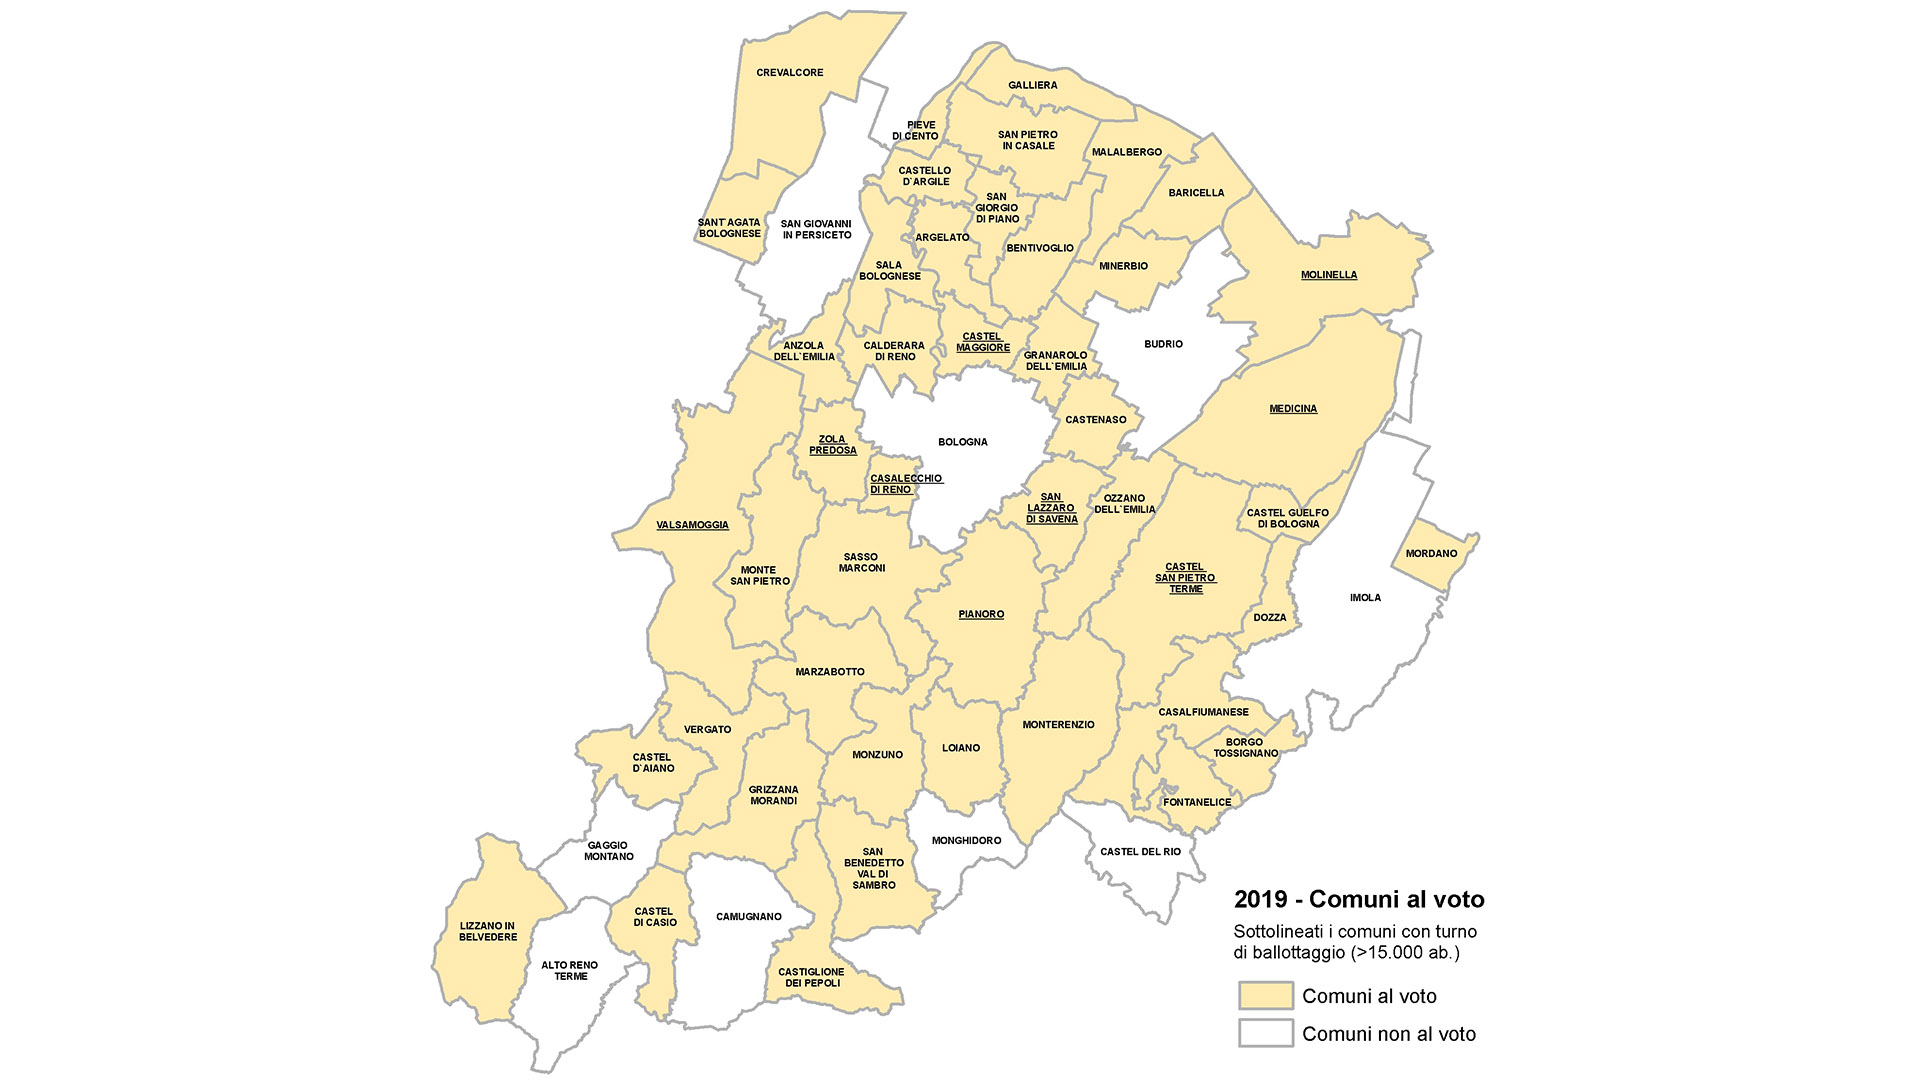 Mappa delle amministrazioni al voto